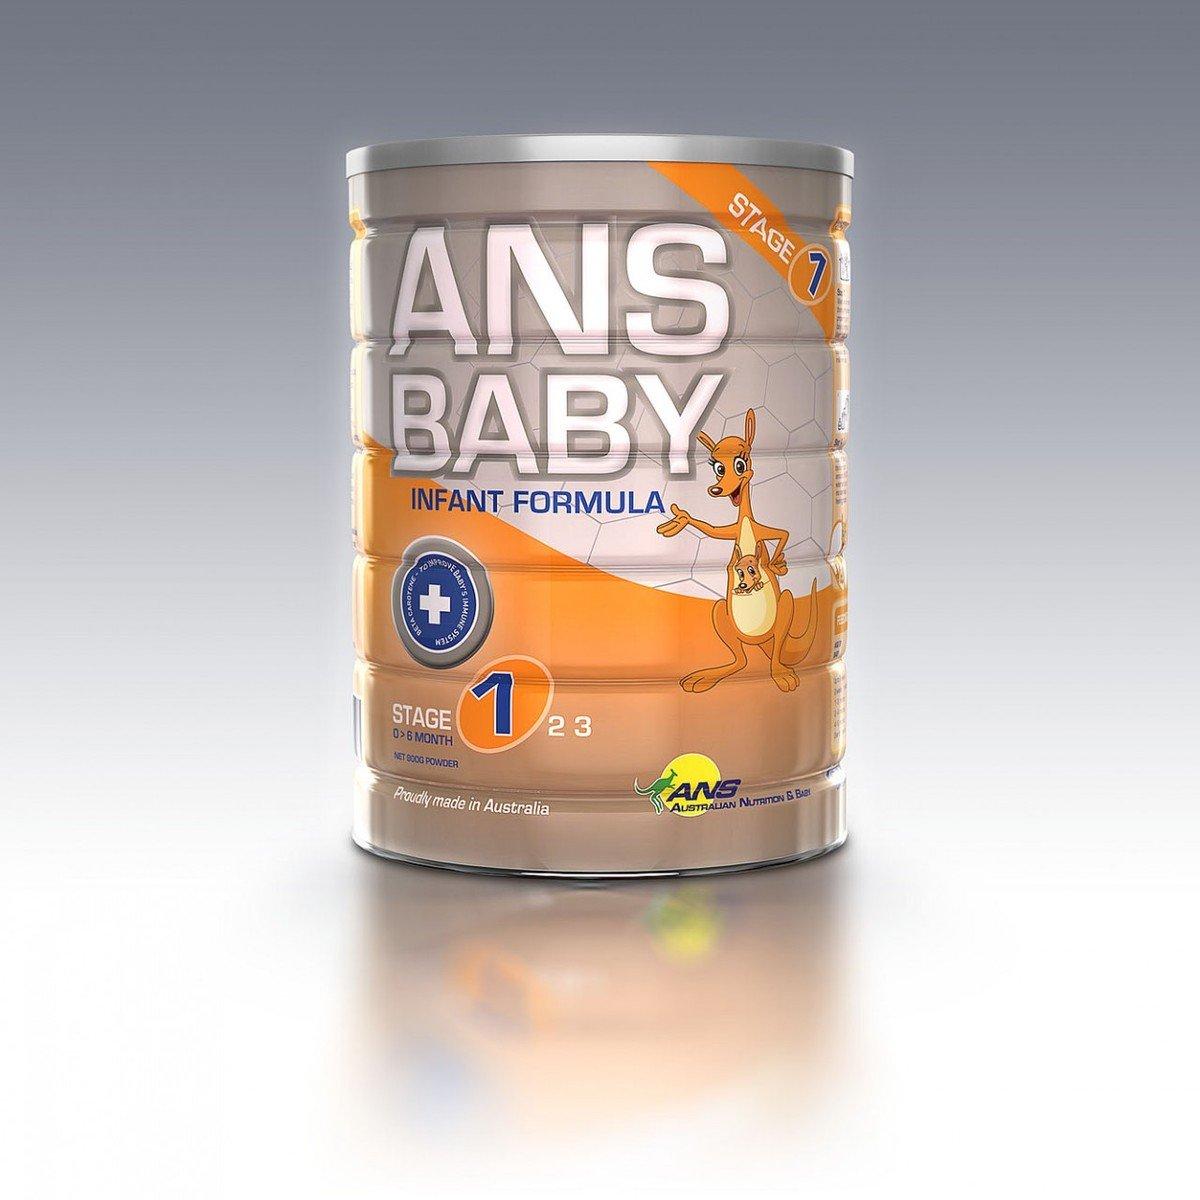 澳洲製造 ANS Baby 嬰兒配方奶粉-第一階段(適合初生到6個月大的嬰兒)